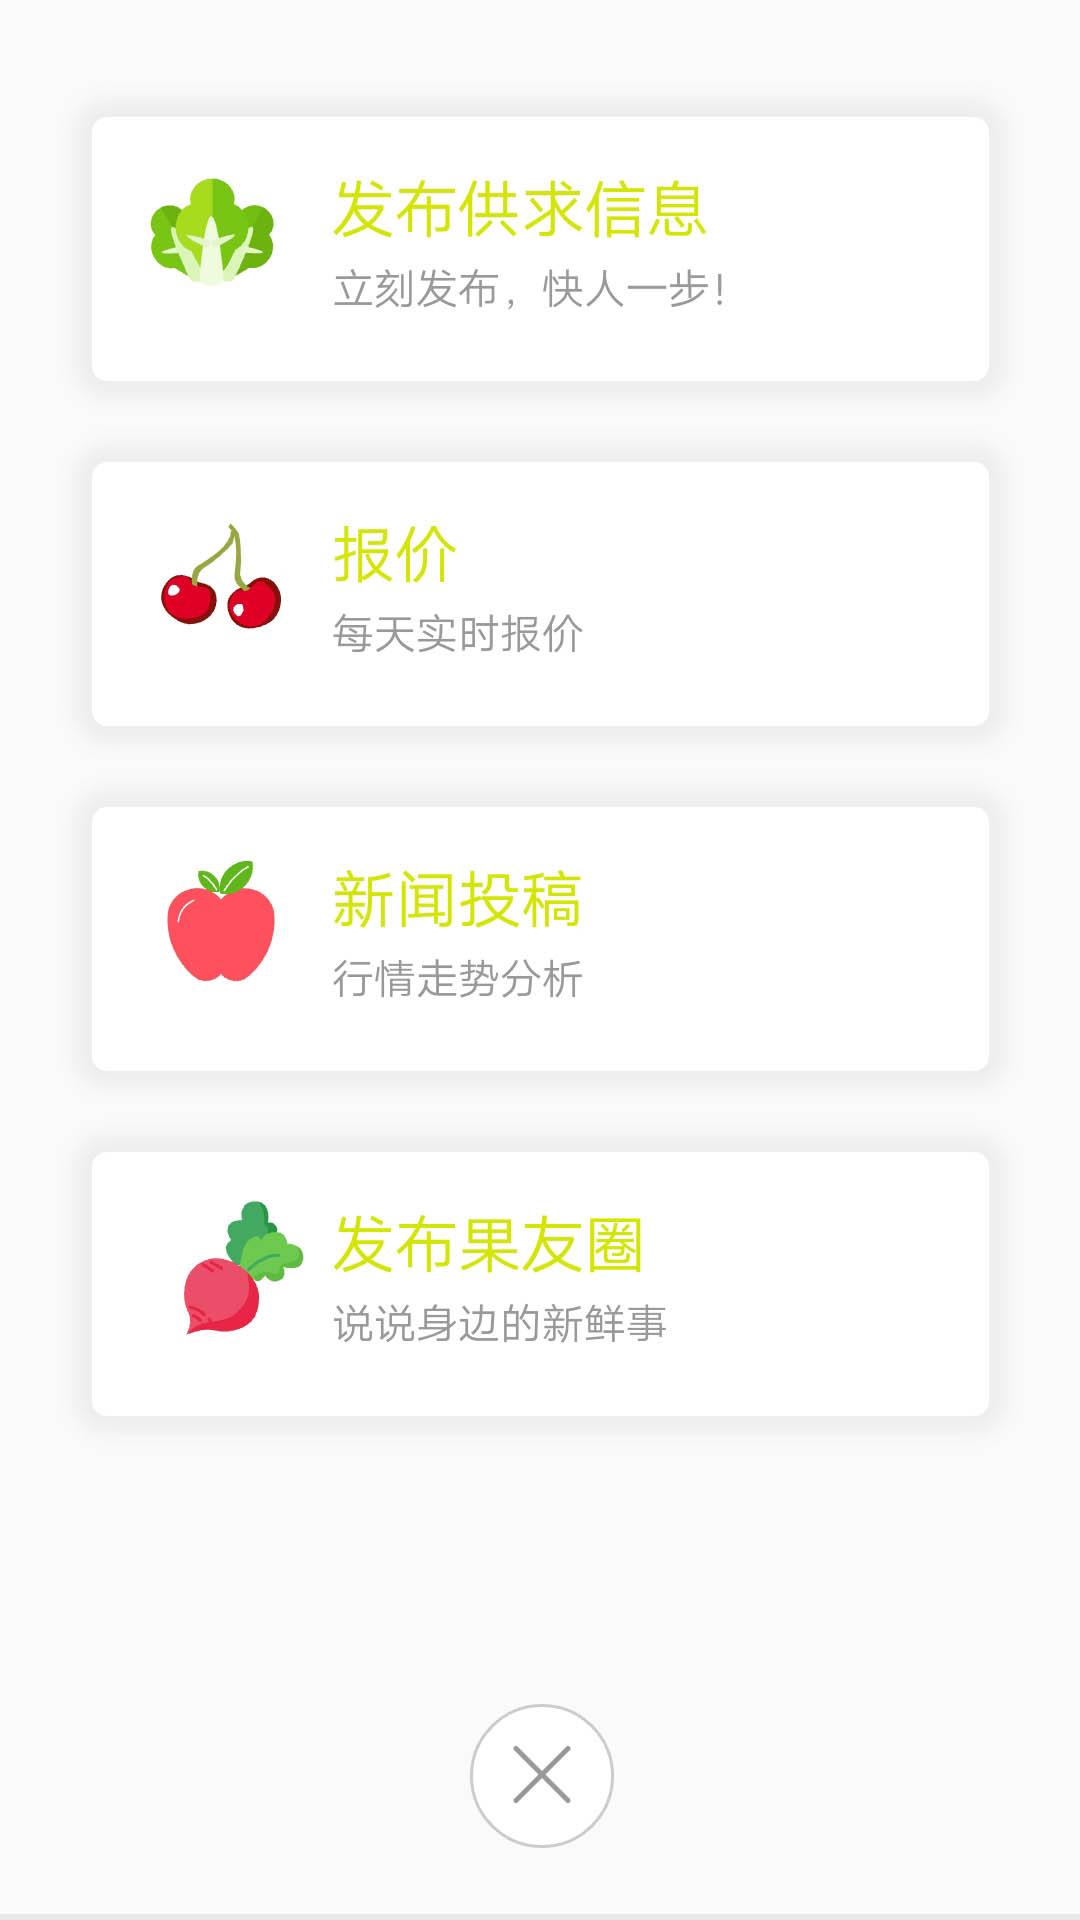 绿果网截图(5)